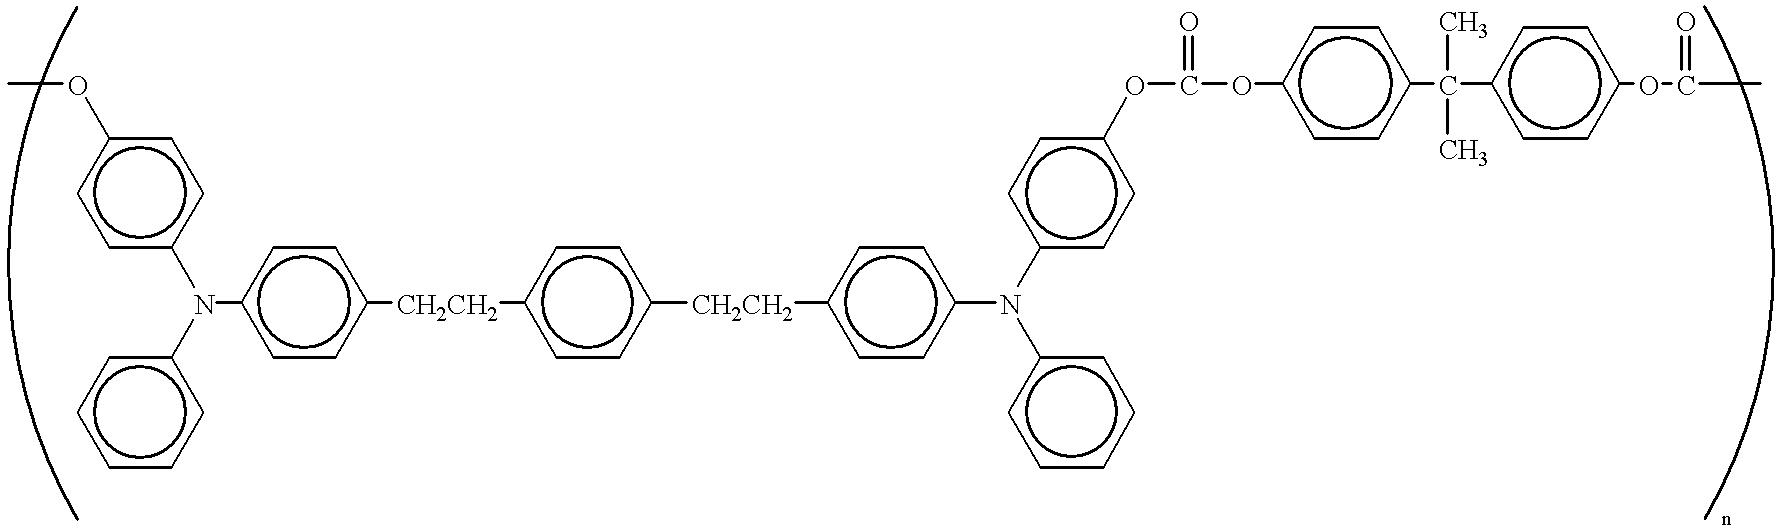 Figure US06558863-20030506-C00052